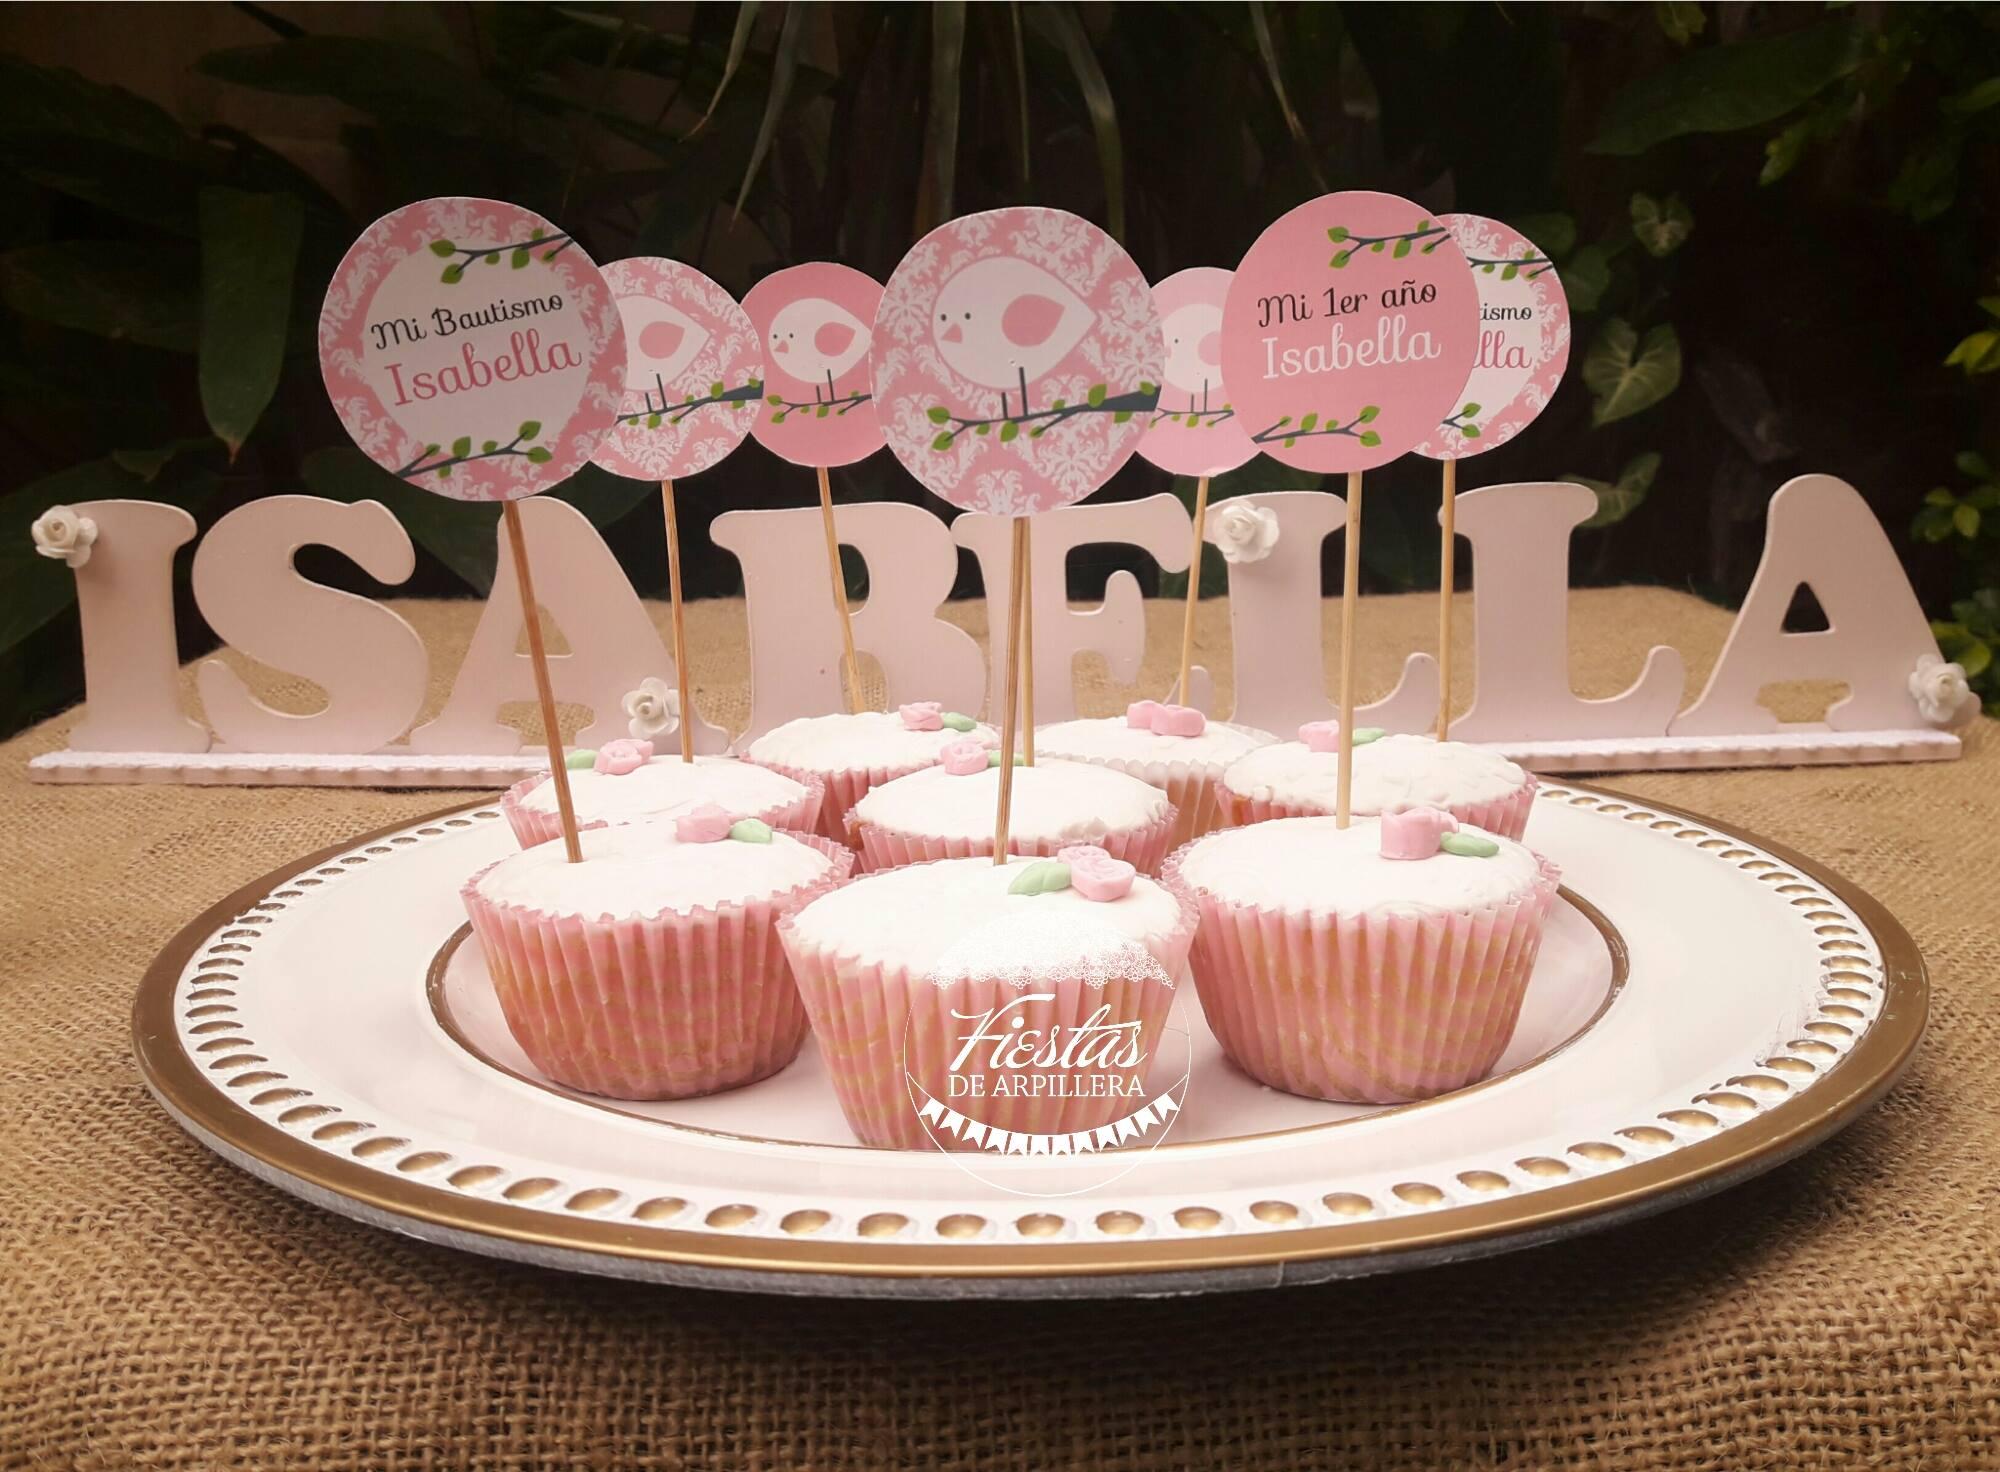 Cupcakes con Toppers Todo Bonito